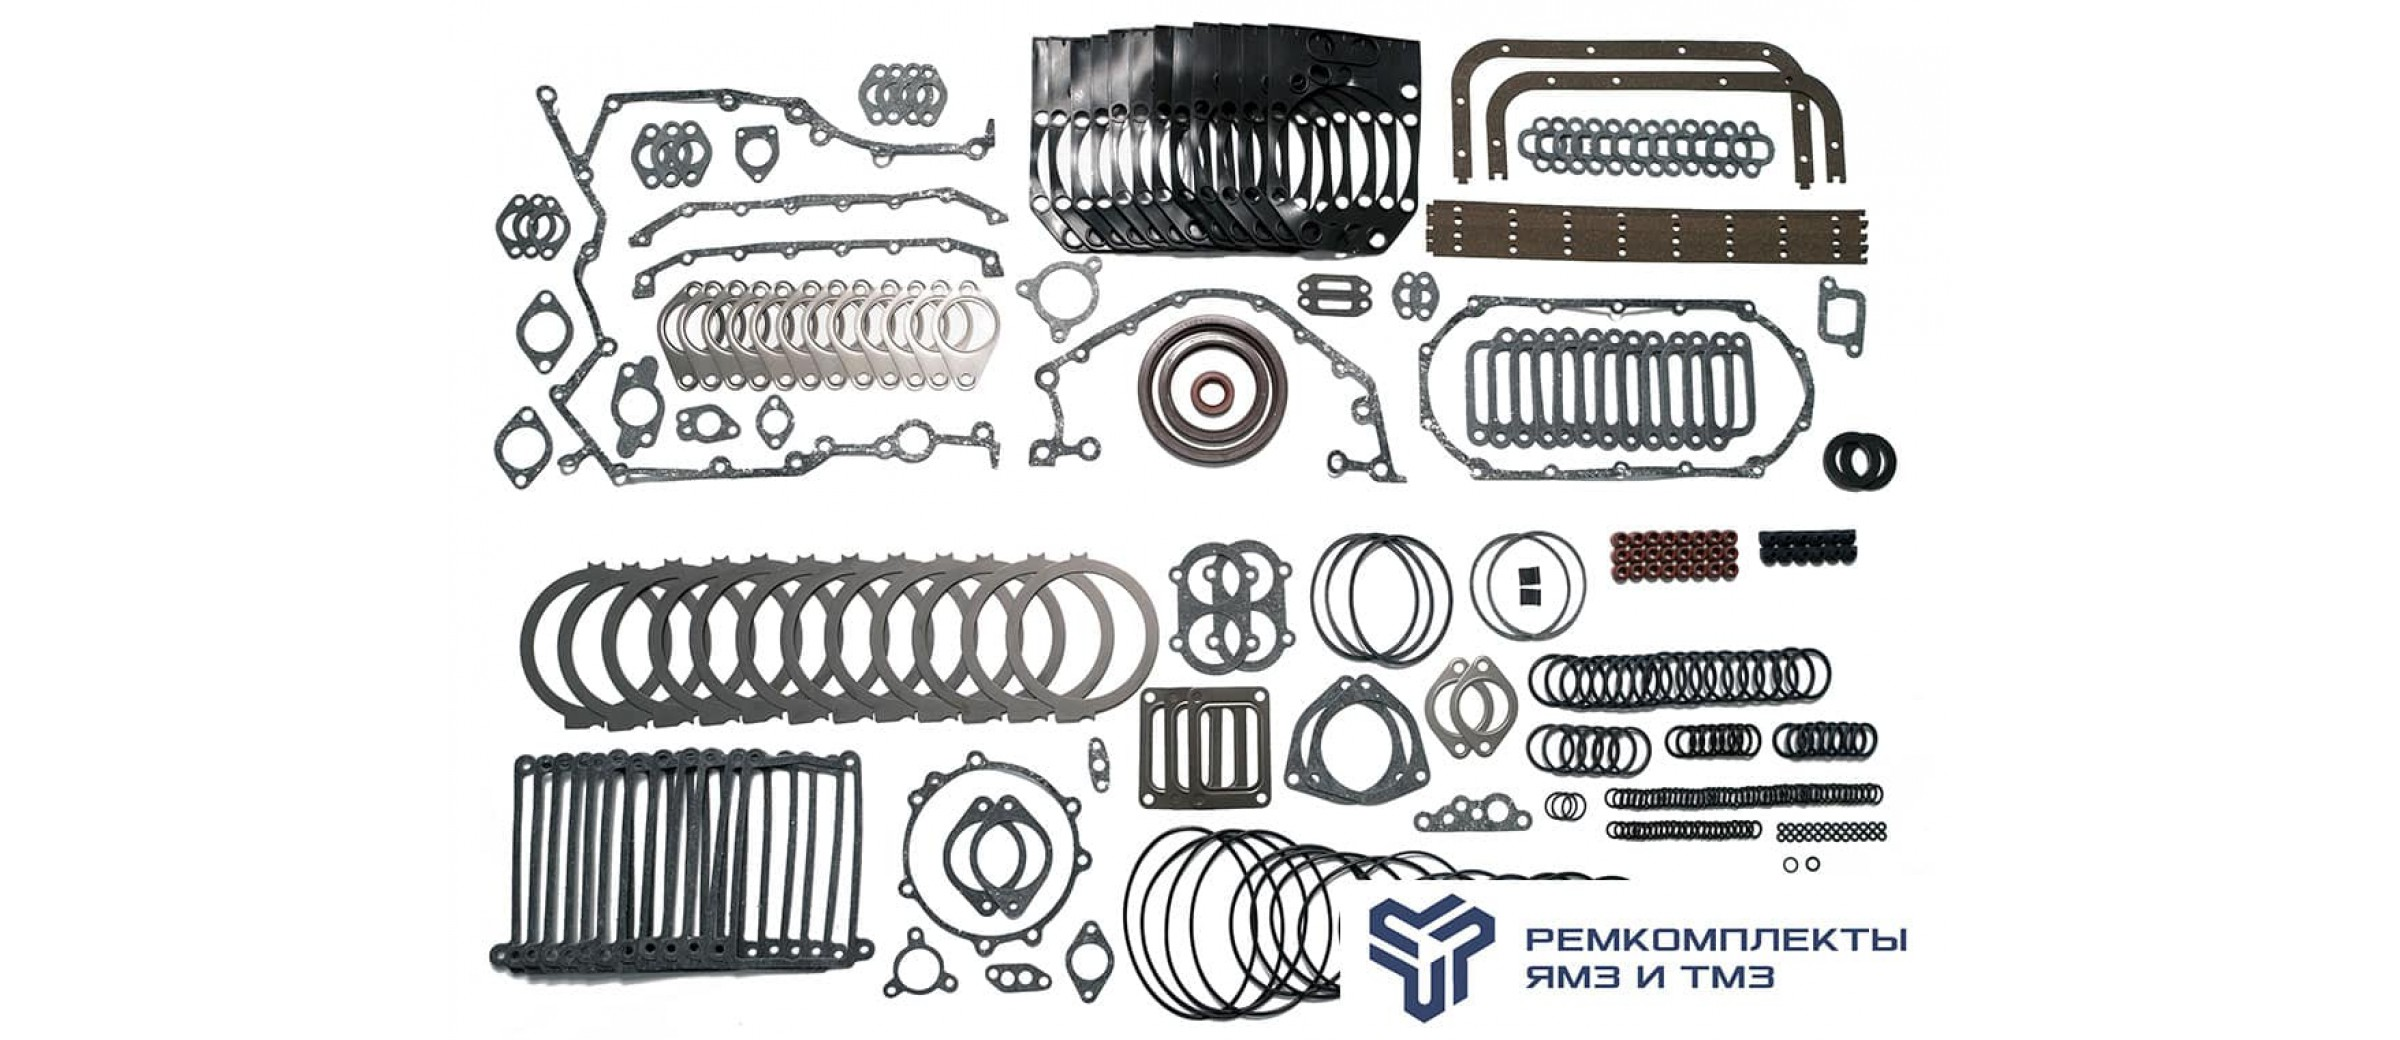 Ремкомплект для ремонта двигателя ЯМЗ-8401